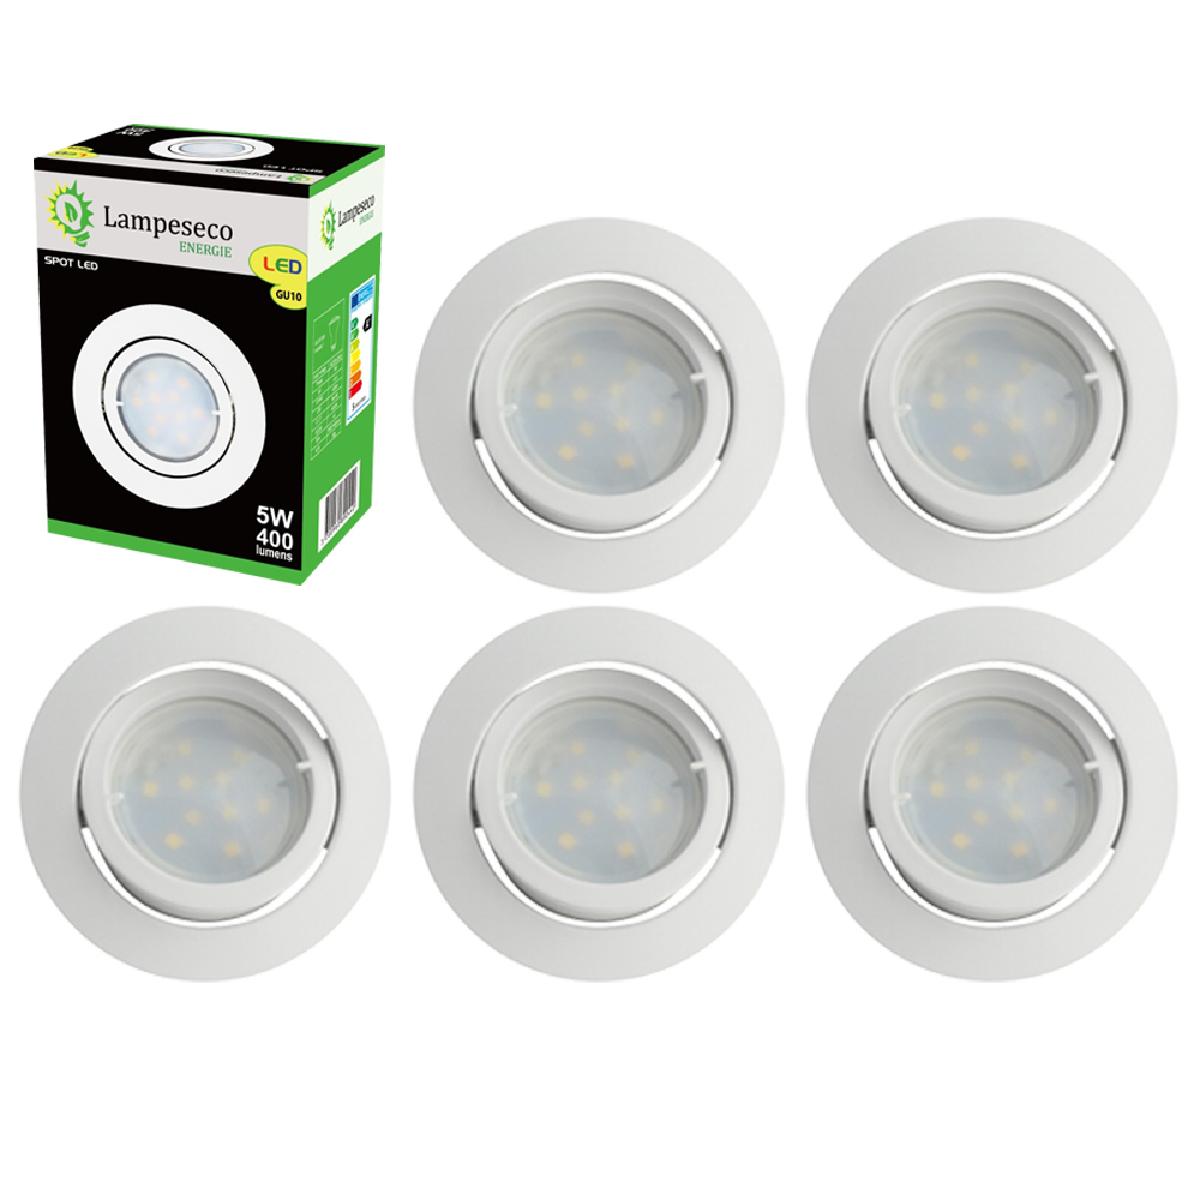 Lampesecoenergie Lot de 6 Spot Led Encastrable Complete Blanc Orientable lumière Blanc Neutre eq. 50W ref.888